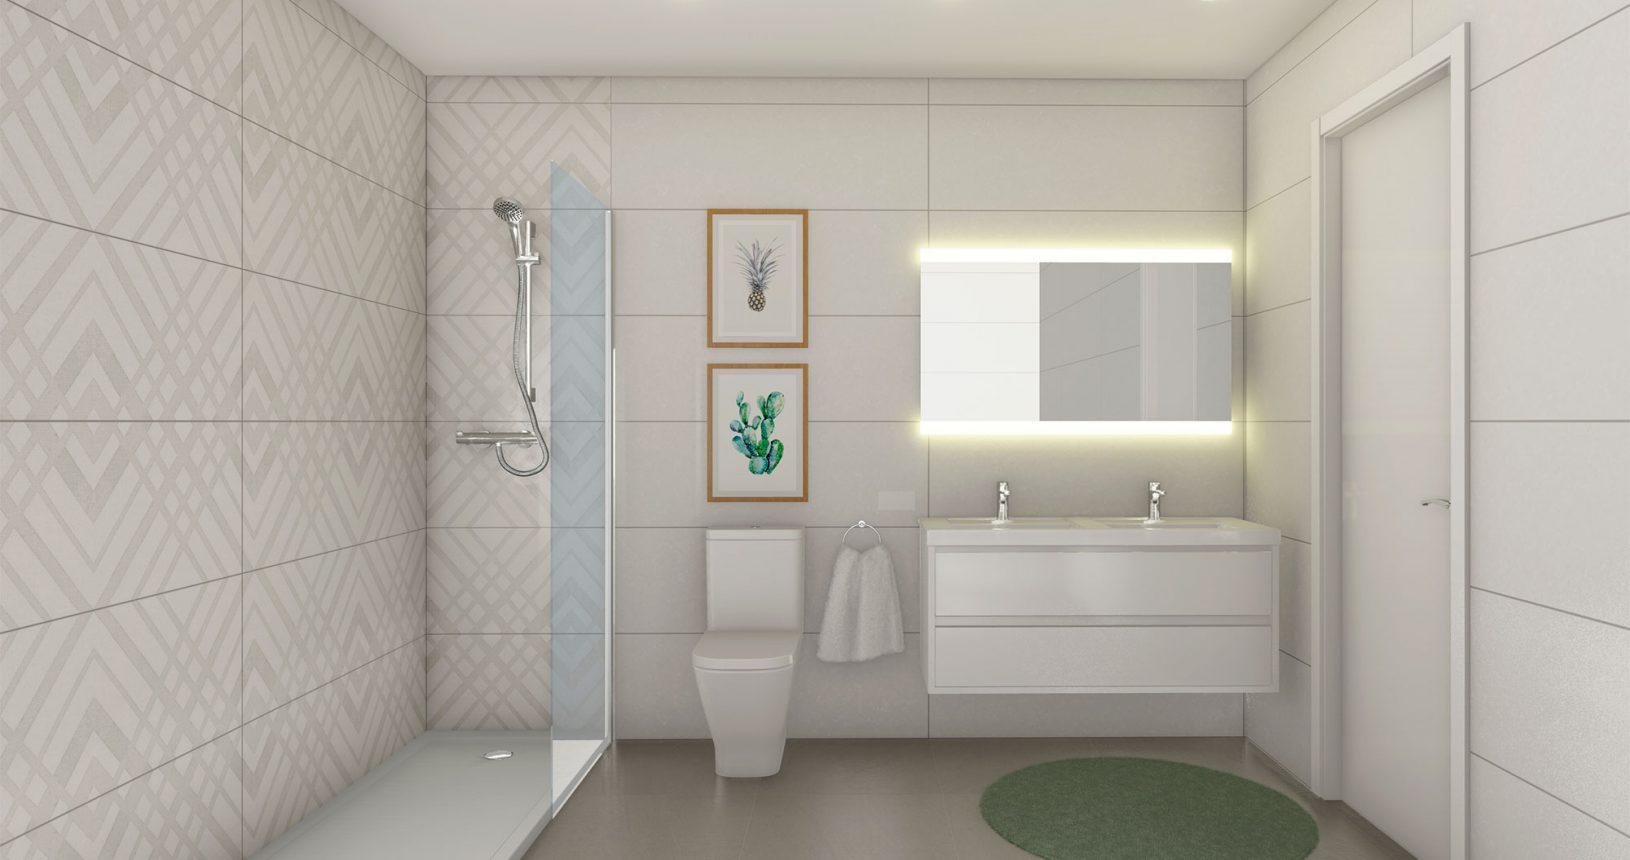 Cuarto de baño promoción inmobiliaria Ciencasas